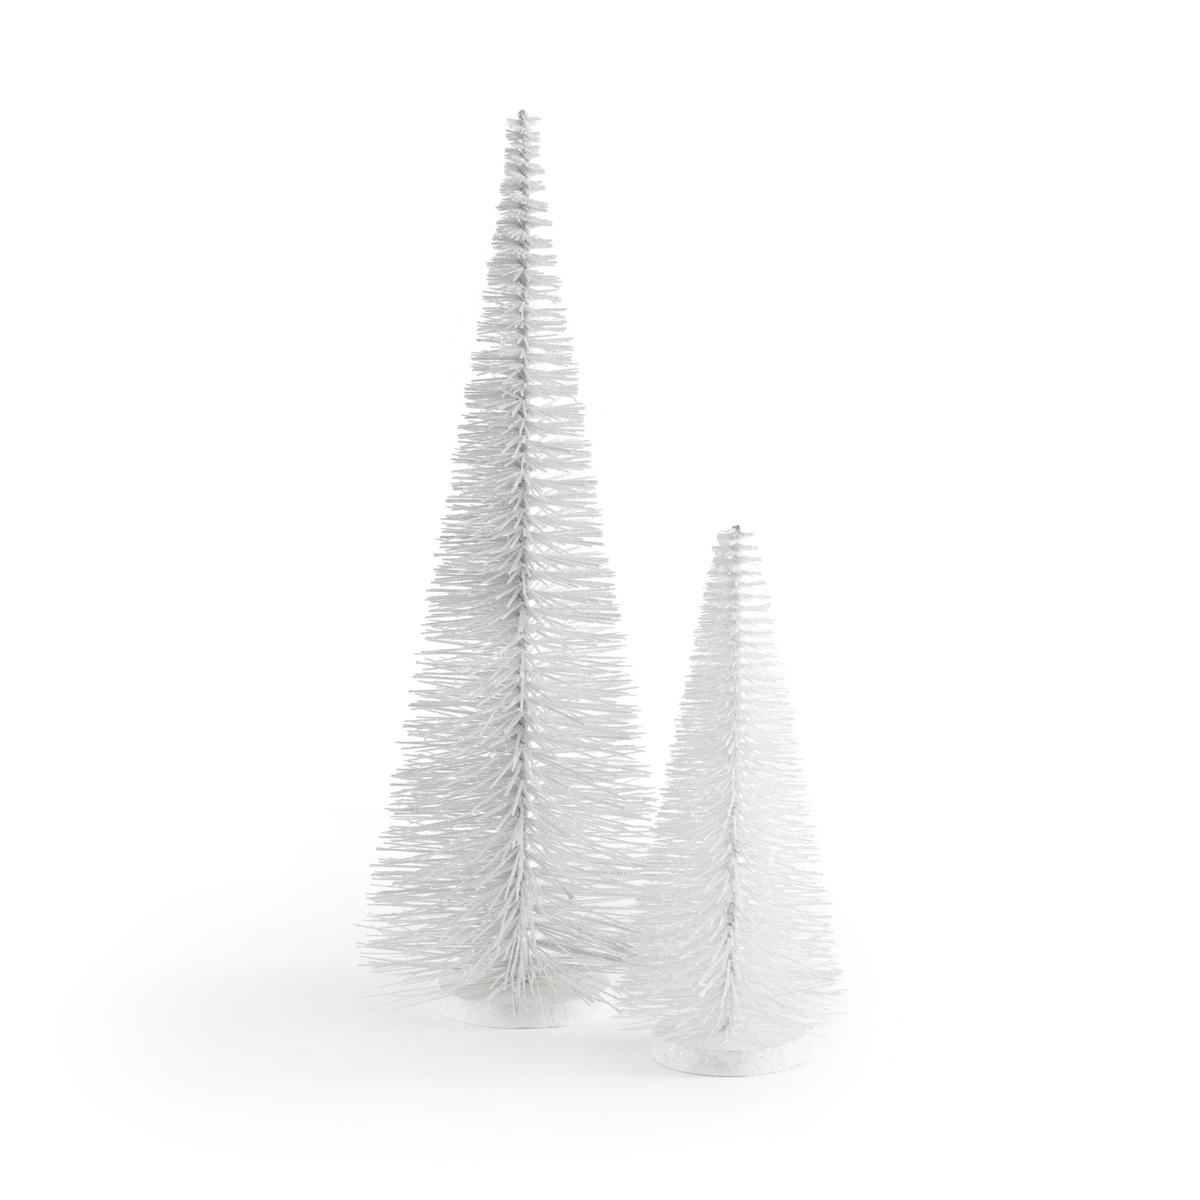 цена на Набор La Redoute Из декоративных новогодних елок Caspar единый размер белый